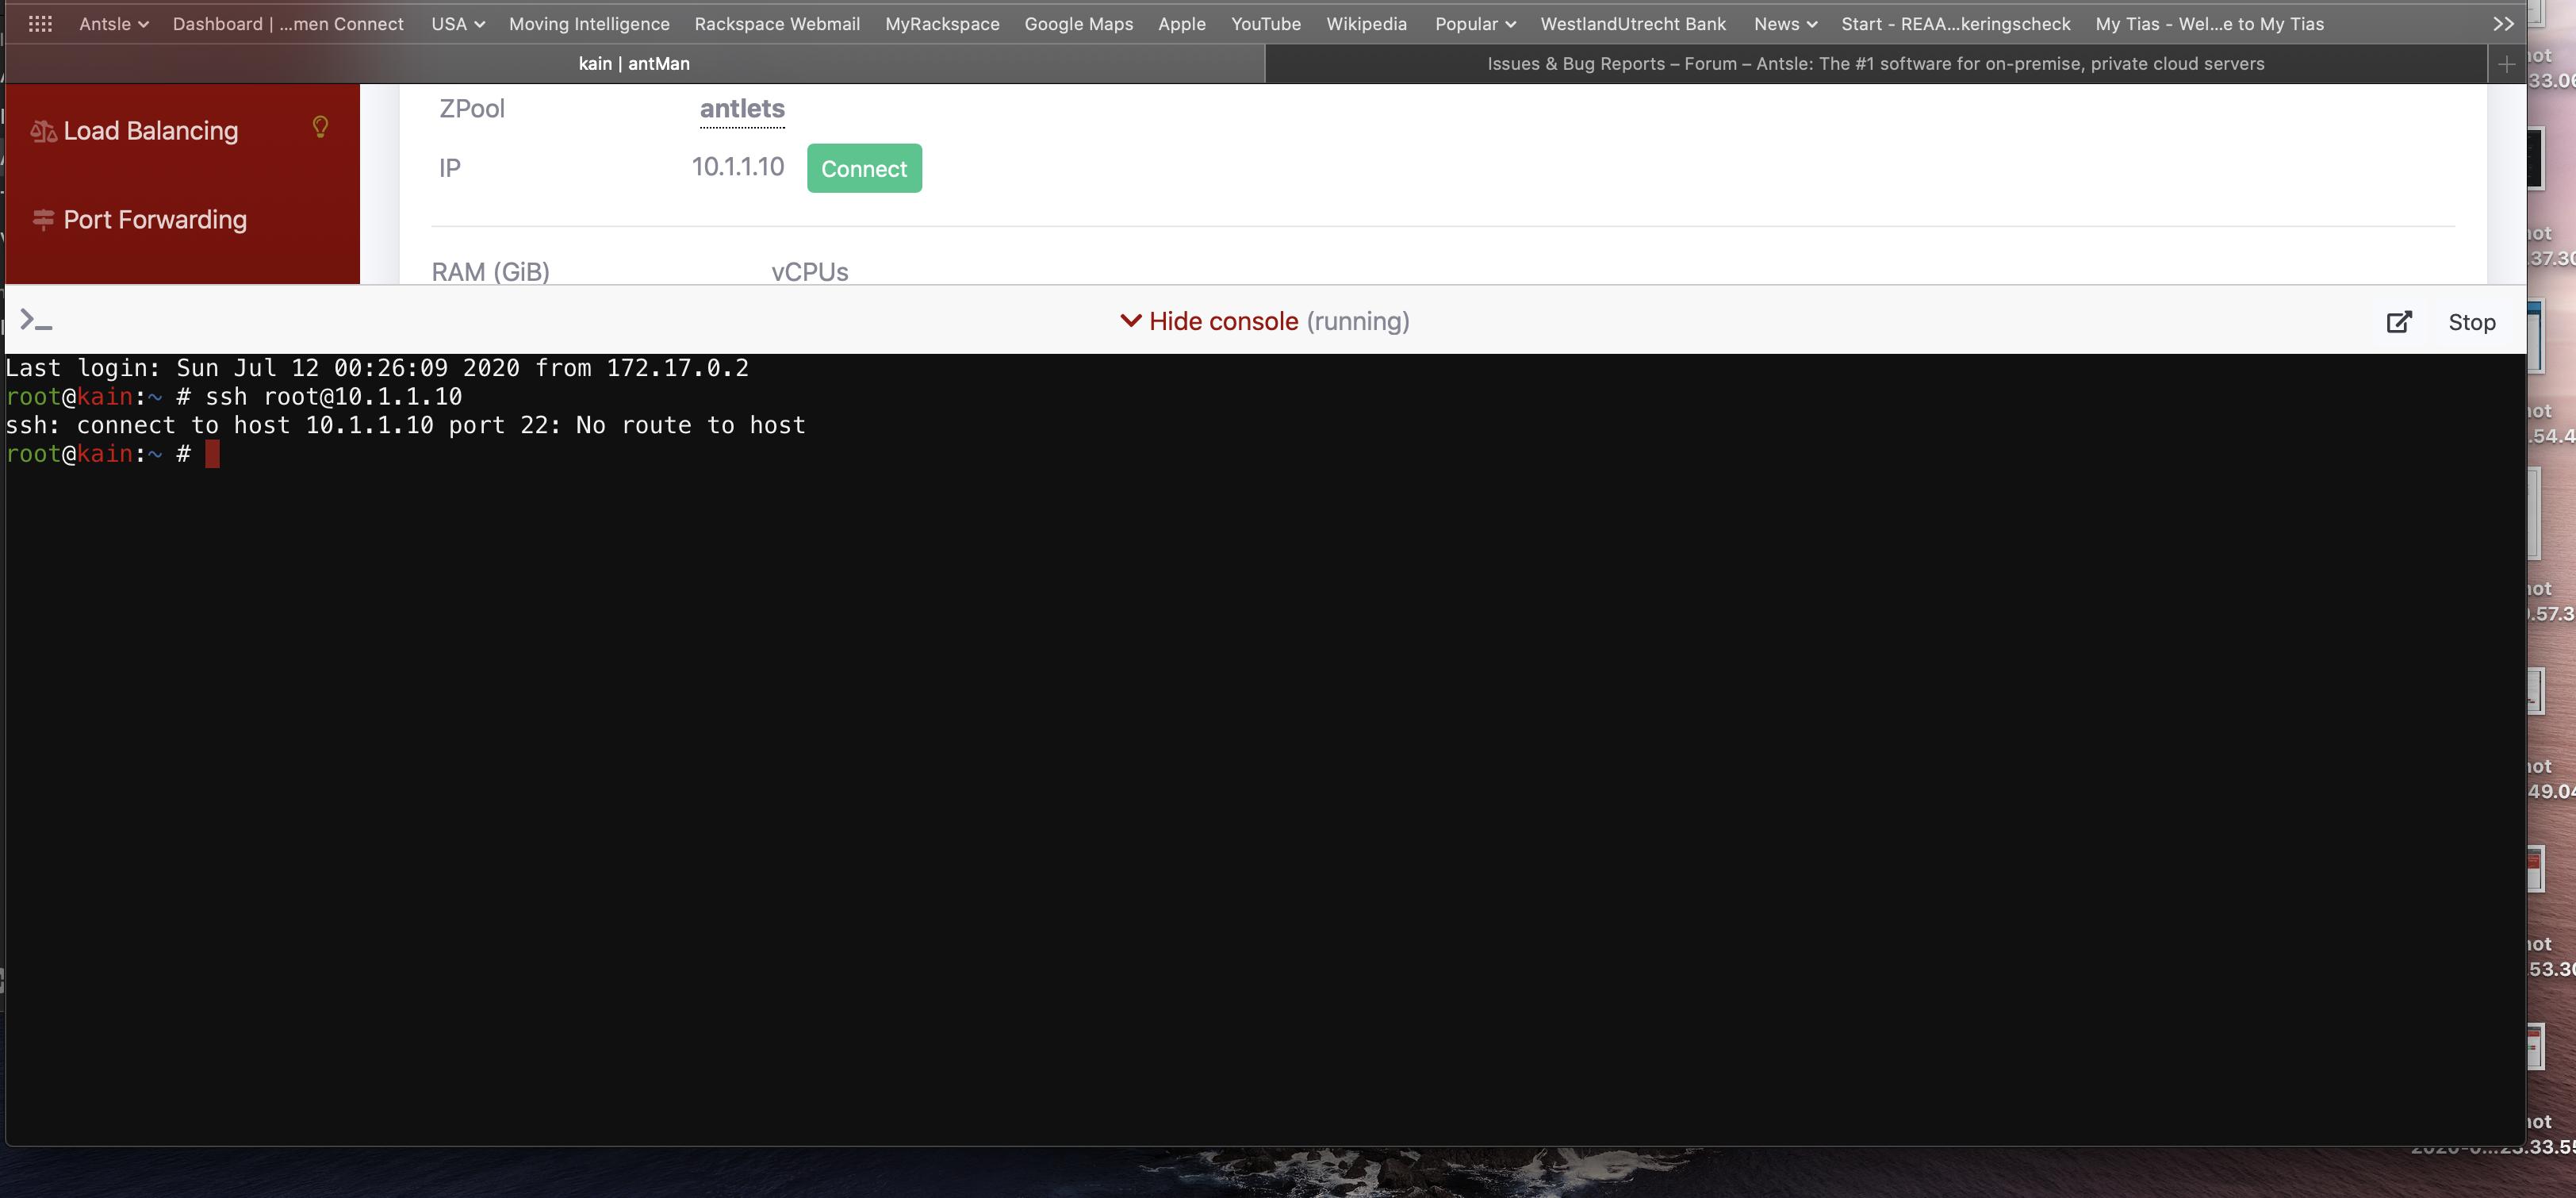 Screenshot-2020-07-12-at-00.54.45.png